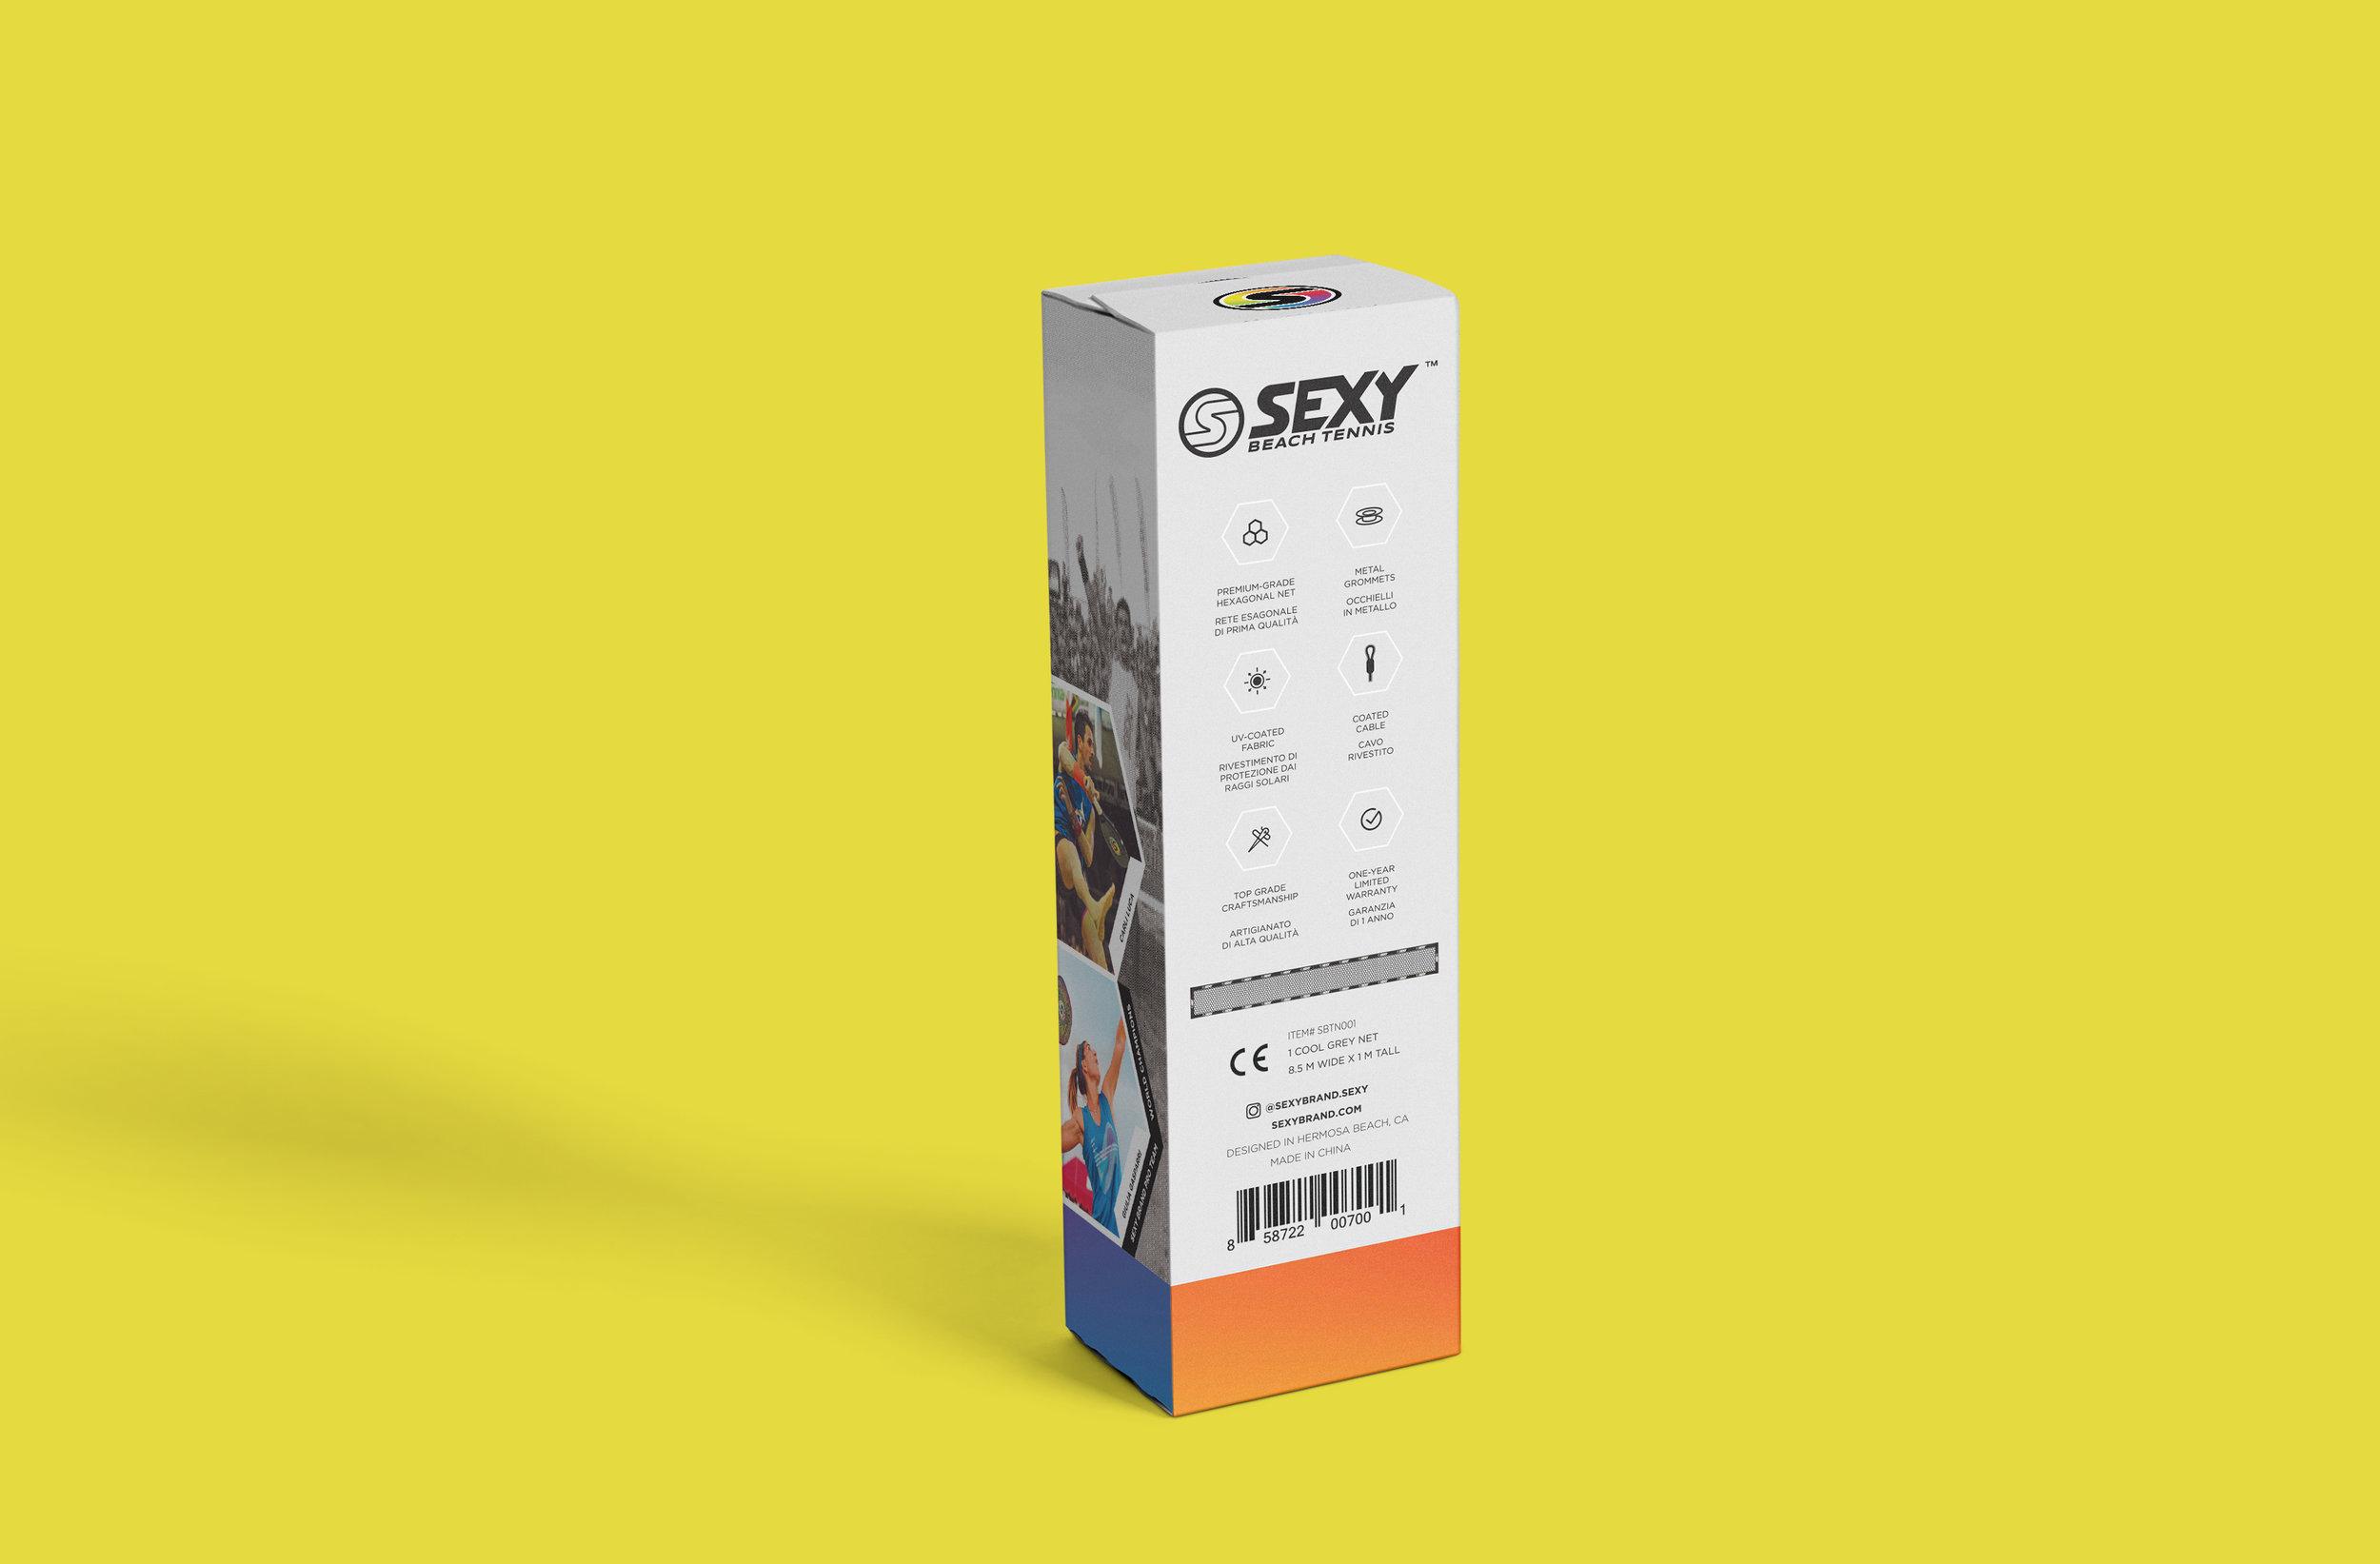 sexy brand net 3.jpg